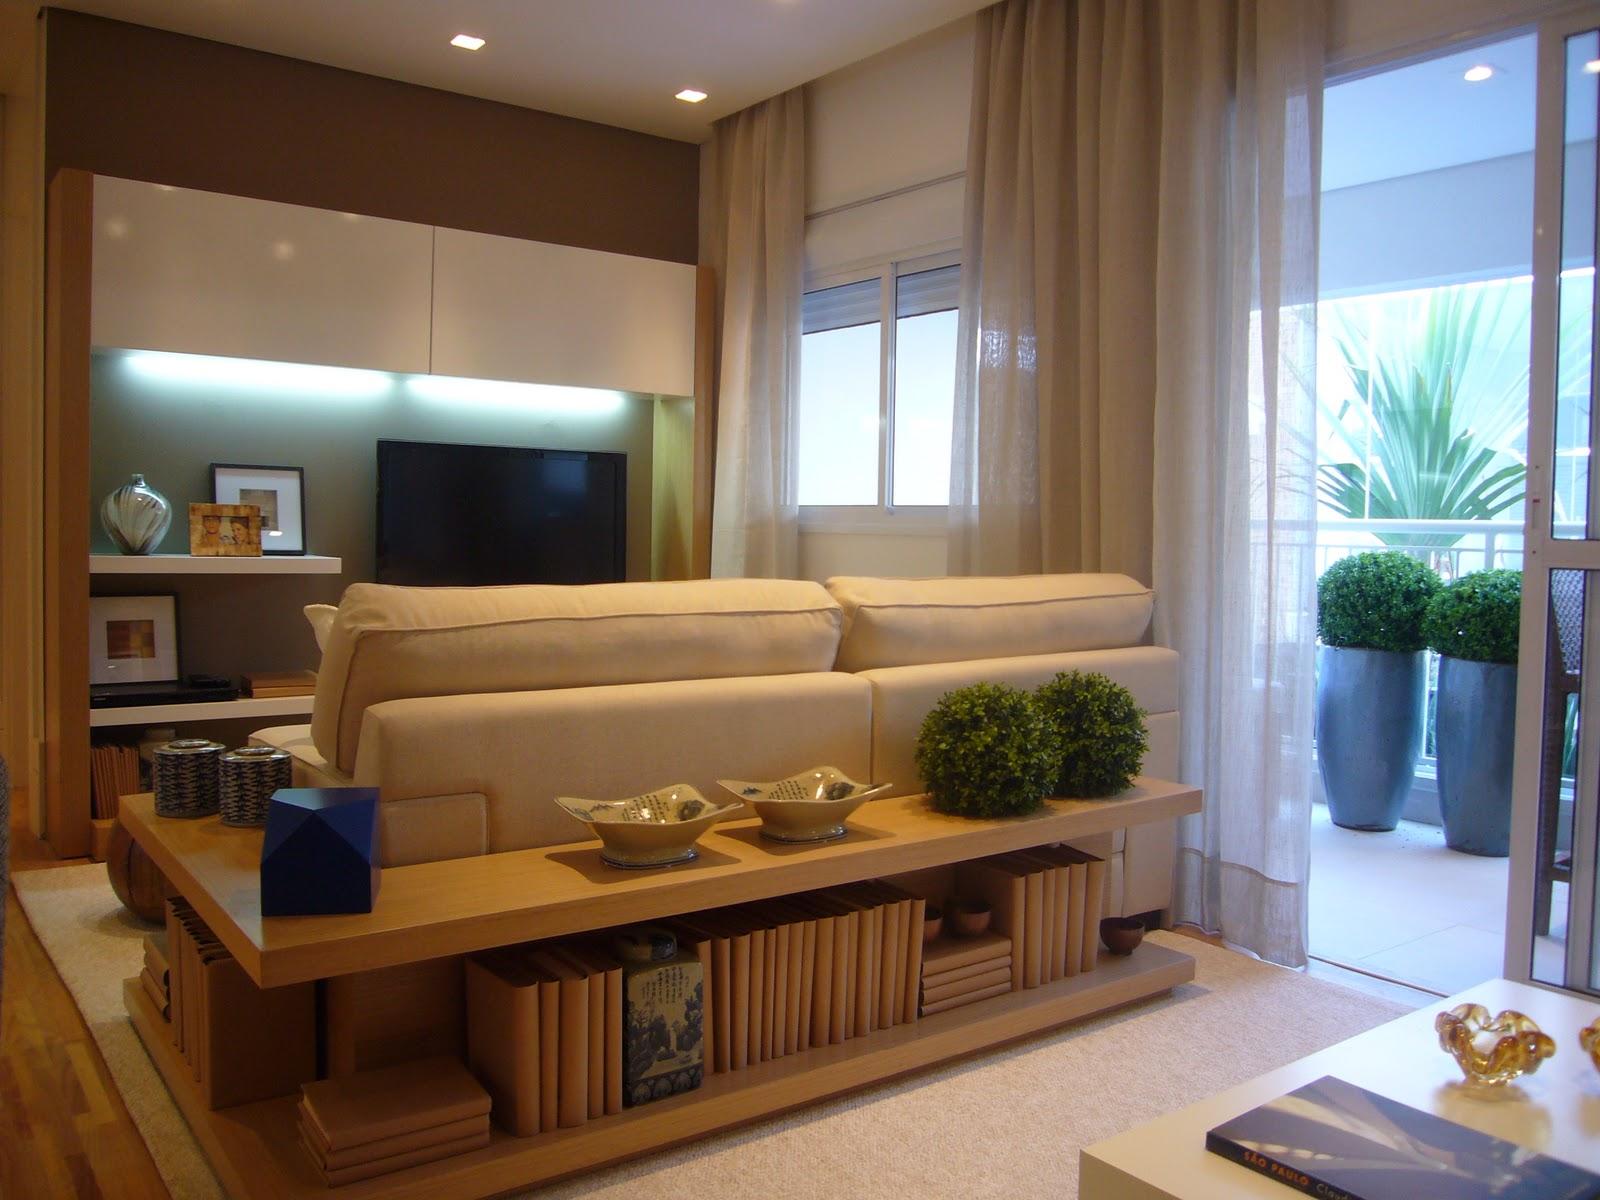 ideias e projetos de decoracao de interiores ? Doitri.com